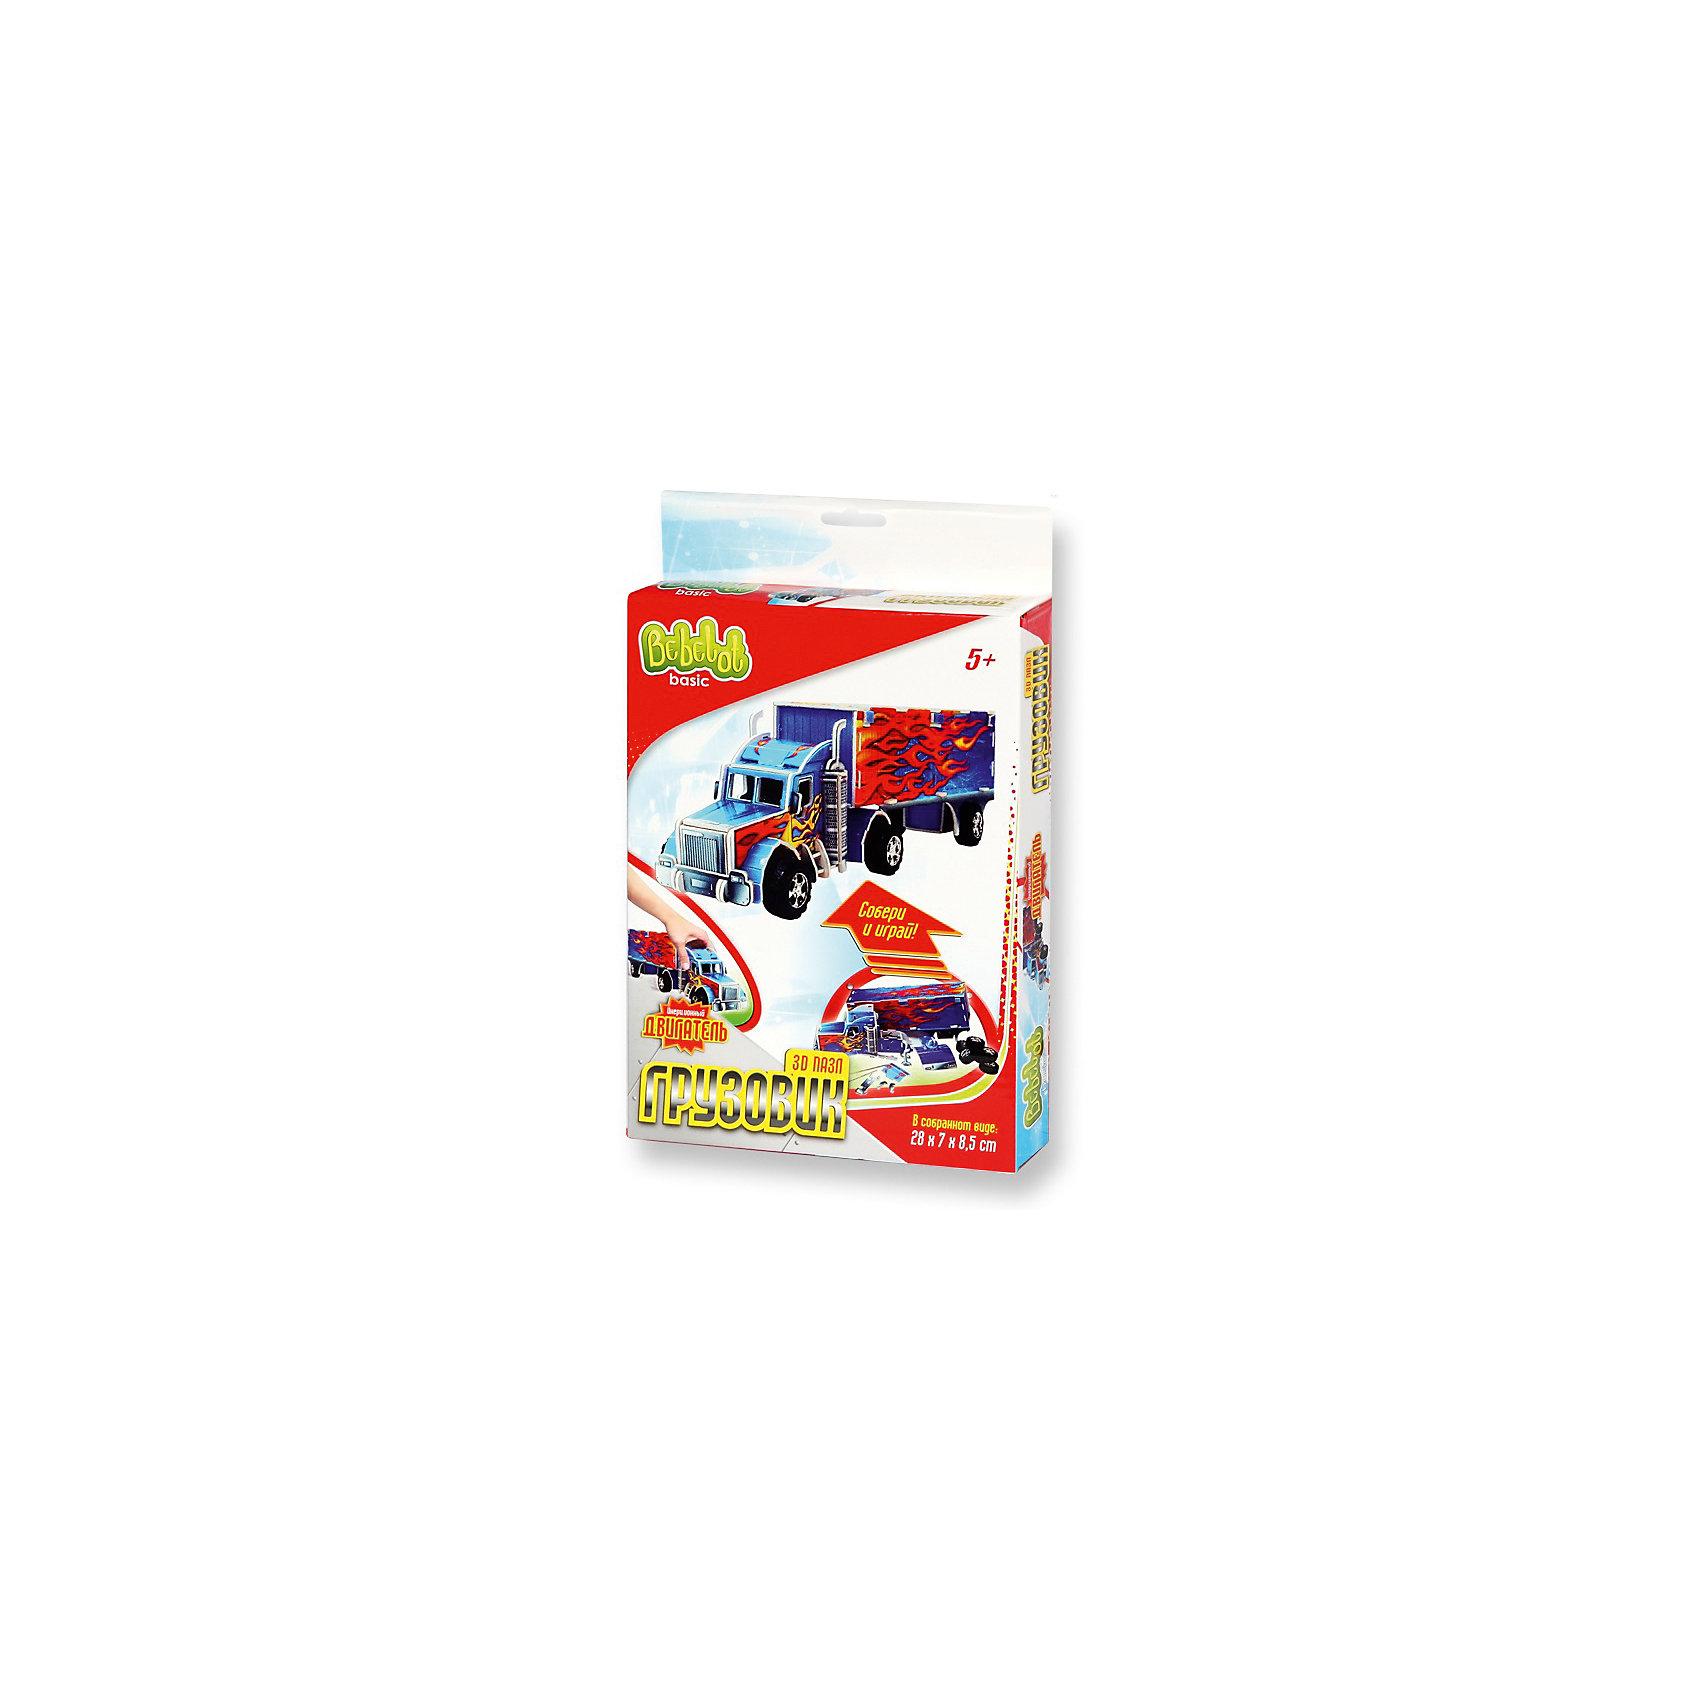 3D пазл Basic Грузовик маленький, Bebelot3D пазлы<br>Характеристики товара:<br><br>• возраст от 3 лет;<br>• материал: пластик, картон, металл;<br>• в наборе: 4 листа пенокартона, 4 колеса, 2 оси, двигатель, инструкция;<br>• размер упаковки 25х15х3 см;<br>• вес упаковки 160 гр.;<br>• страна производитель: Китай.<br><br>3D пазл Basic «Грузовик маленький» Bebelot позволит создать объемную модель грузовика. Грузовик работает от инерционного двигателя, может ездить по поверхности. С ним можно играть, как с обычной машинкой. Сборка пазла развивает у детей мышление, усидчивость, внимательность.<br><br>3D пазл Basic «Грузовик маленький» Bebelot можно приобрести в нашем интернет-магазине.<br><br>Ширина мм: 150<br>Глубина мм: 250<br>Высота мм: 30<br>Вес г: 160<br>Возраст от месяцев: 36<br>Возраст до месяцев: 72<br>Пол: Мужской<br>Возраст: Детский<br>SKU: 5581221